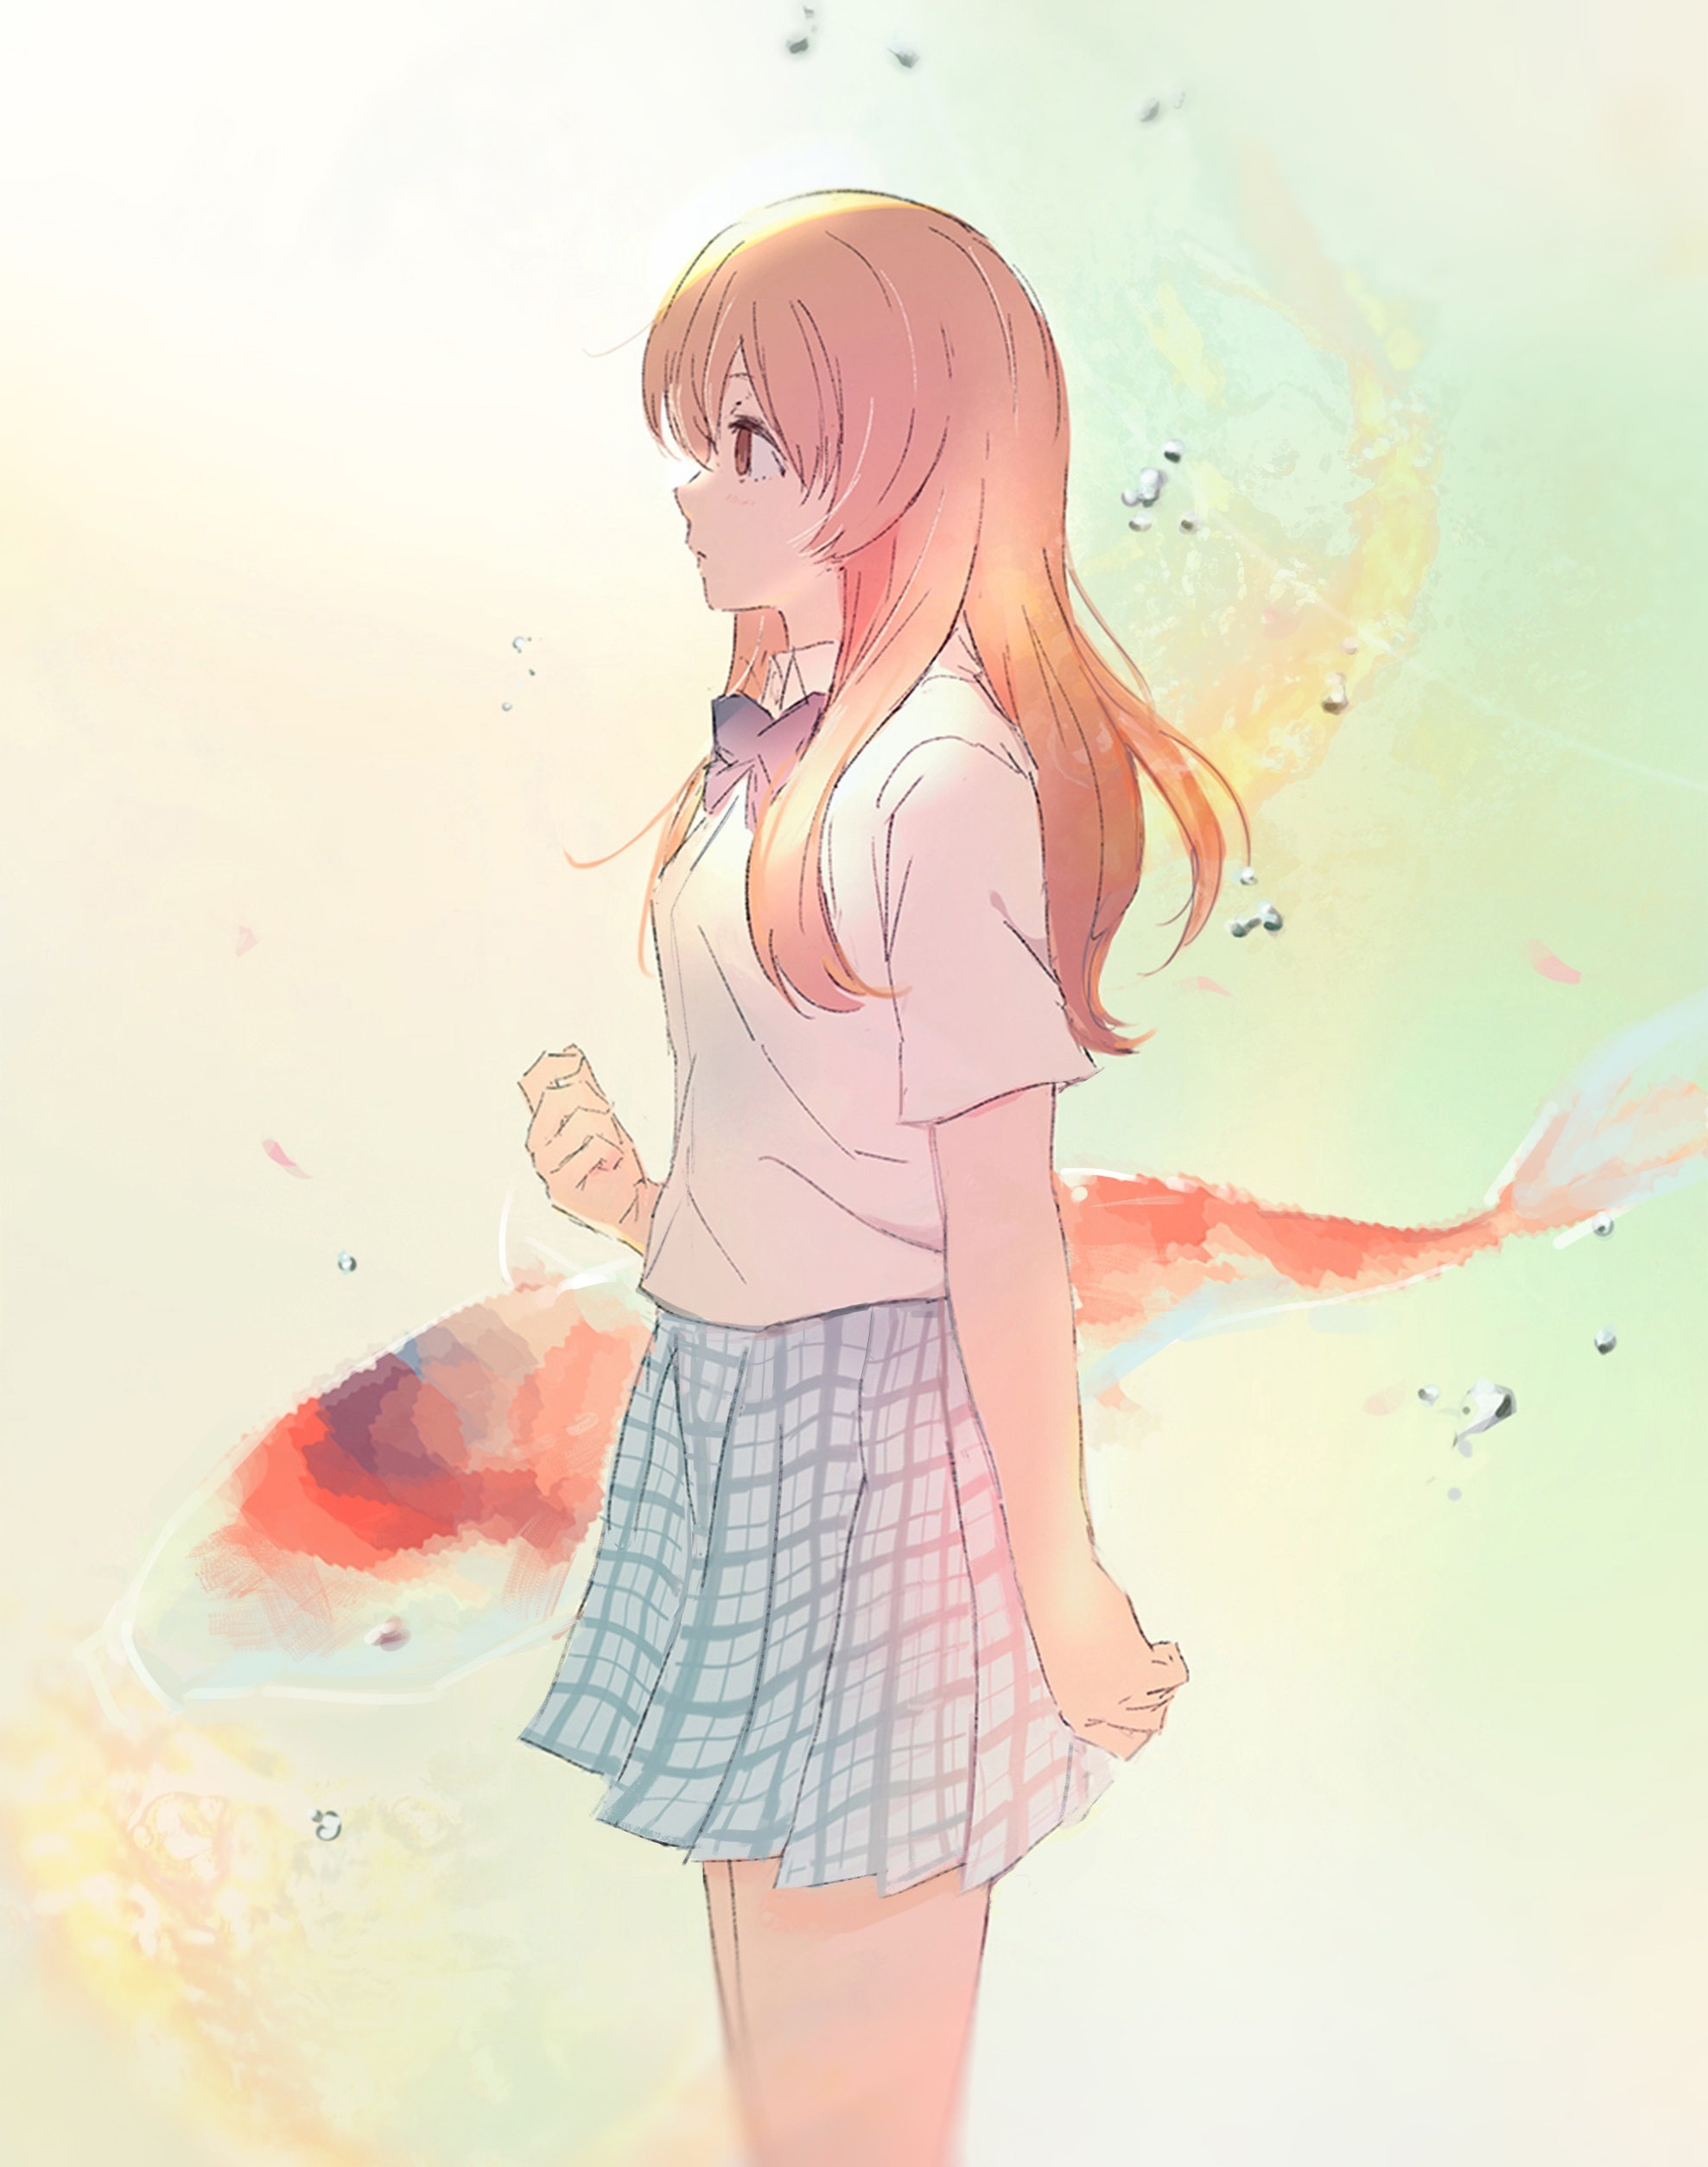 聲の形 西宮硝子 A Silent Voice Nishimiya Shouko No 22 厳選